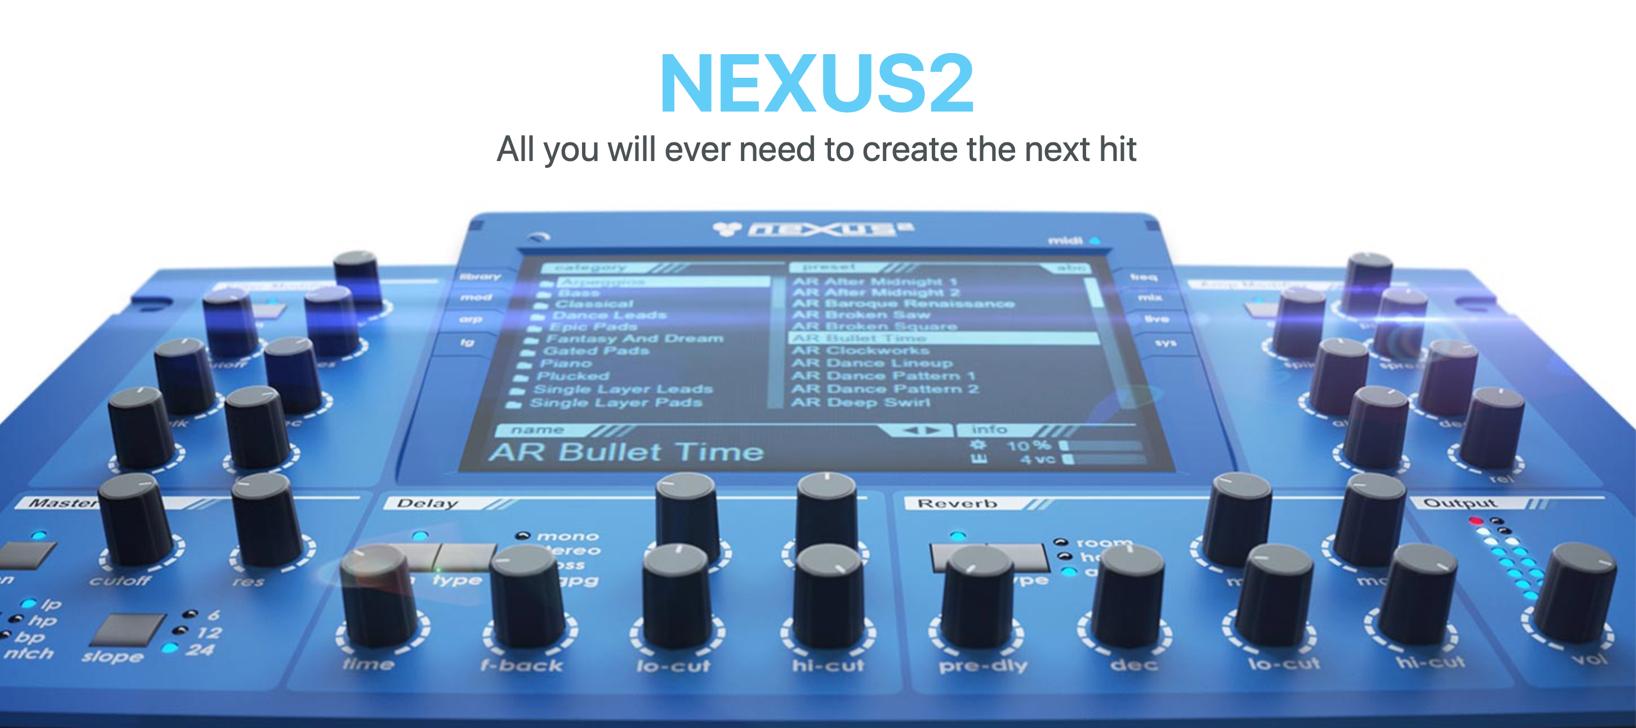 【定番シンセ】nexus2が199ドル 拡張プリセットもセール中